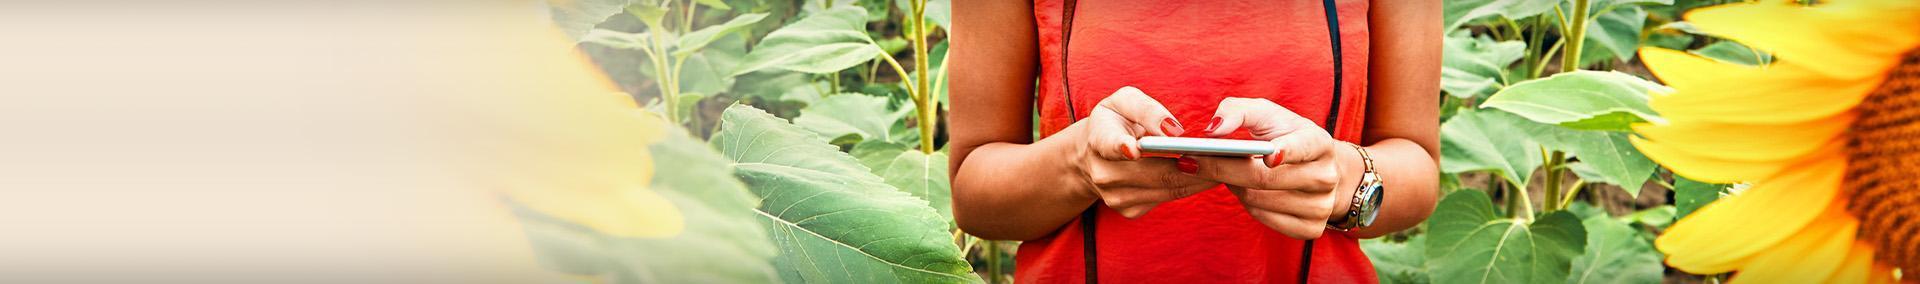 kobieta z telefonem komórkowym, słoneczniki